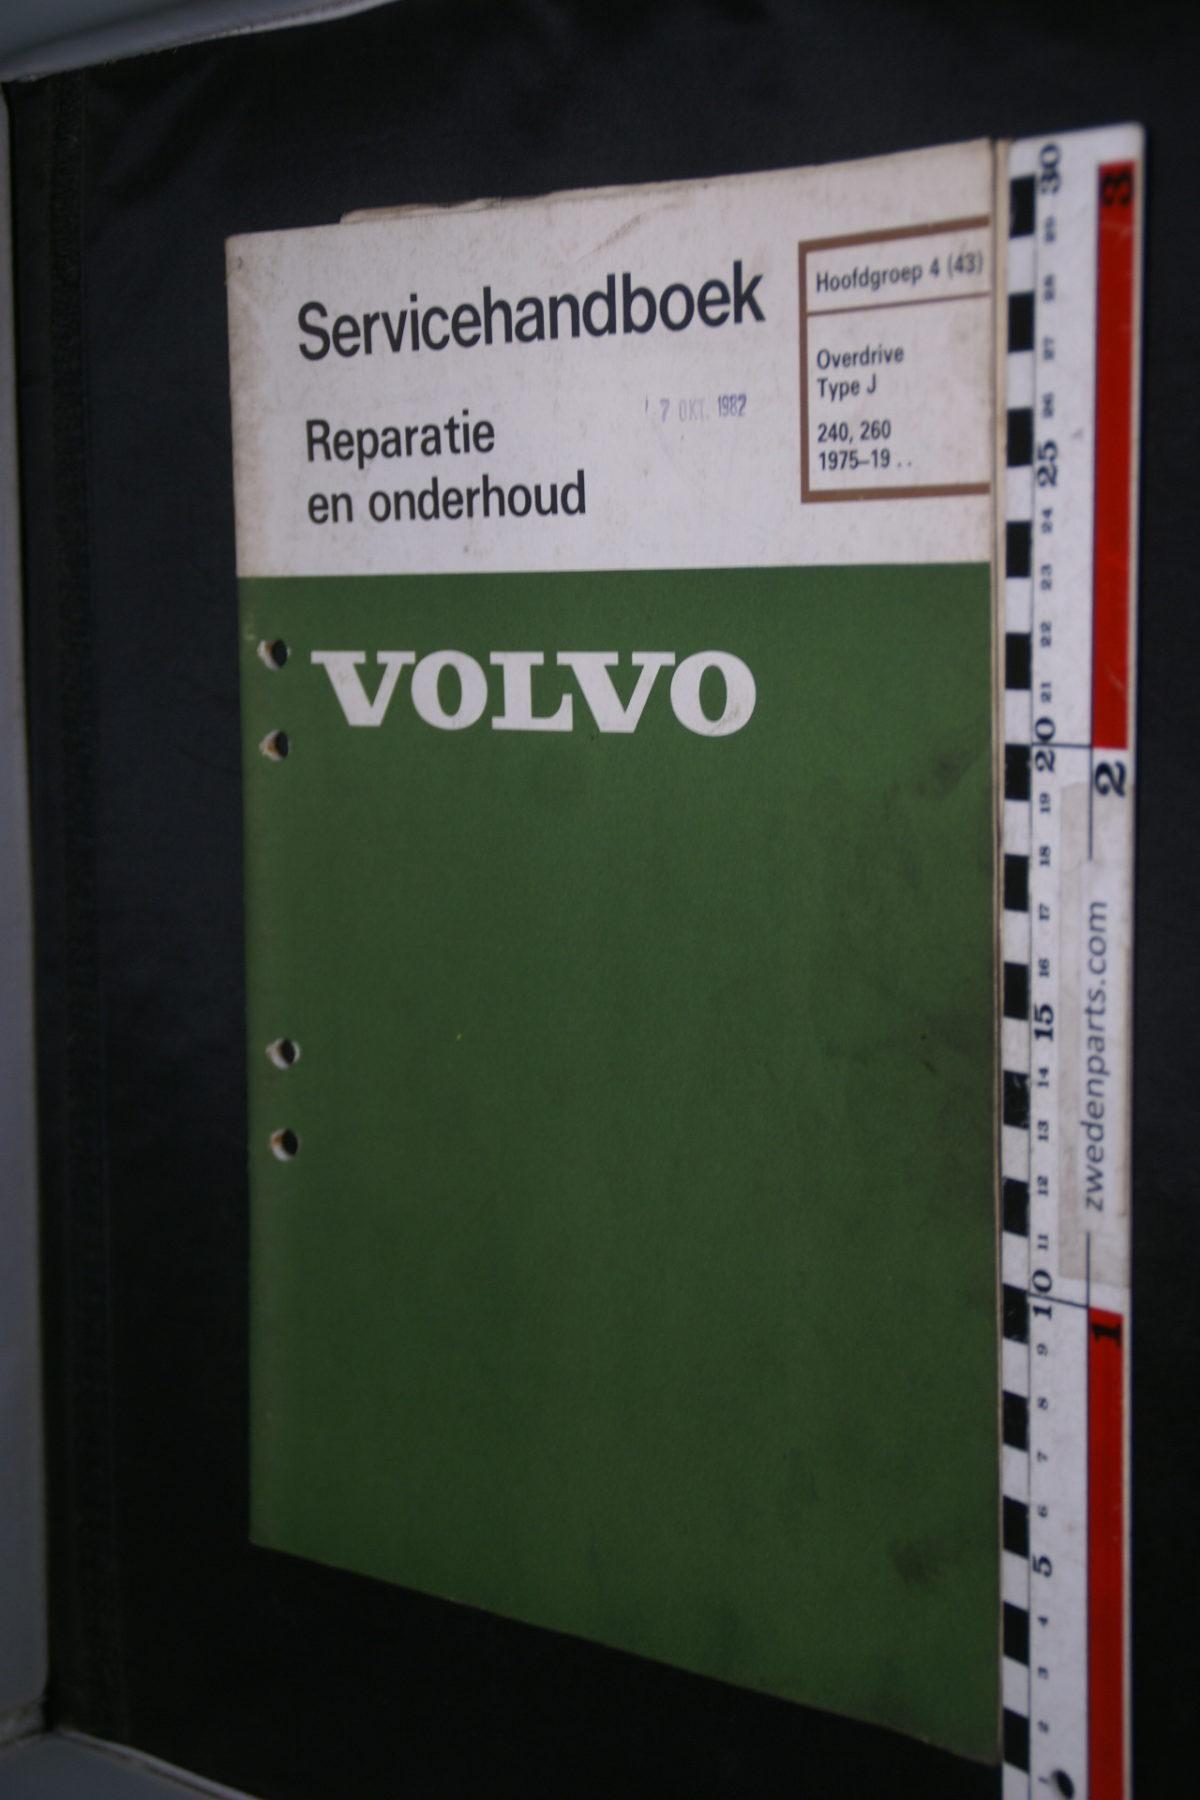 DSC08601 1978 origineel Volvo 240 260 servicehandboek  4 (43) overdrive Type J 1 van 800 TP 12091-2